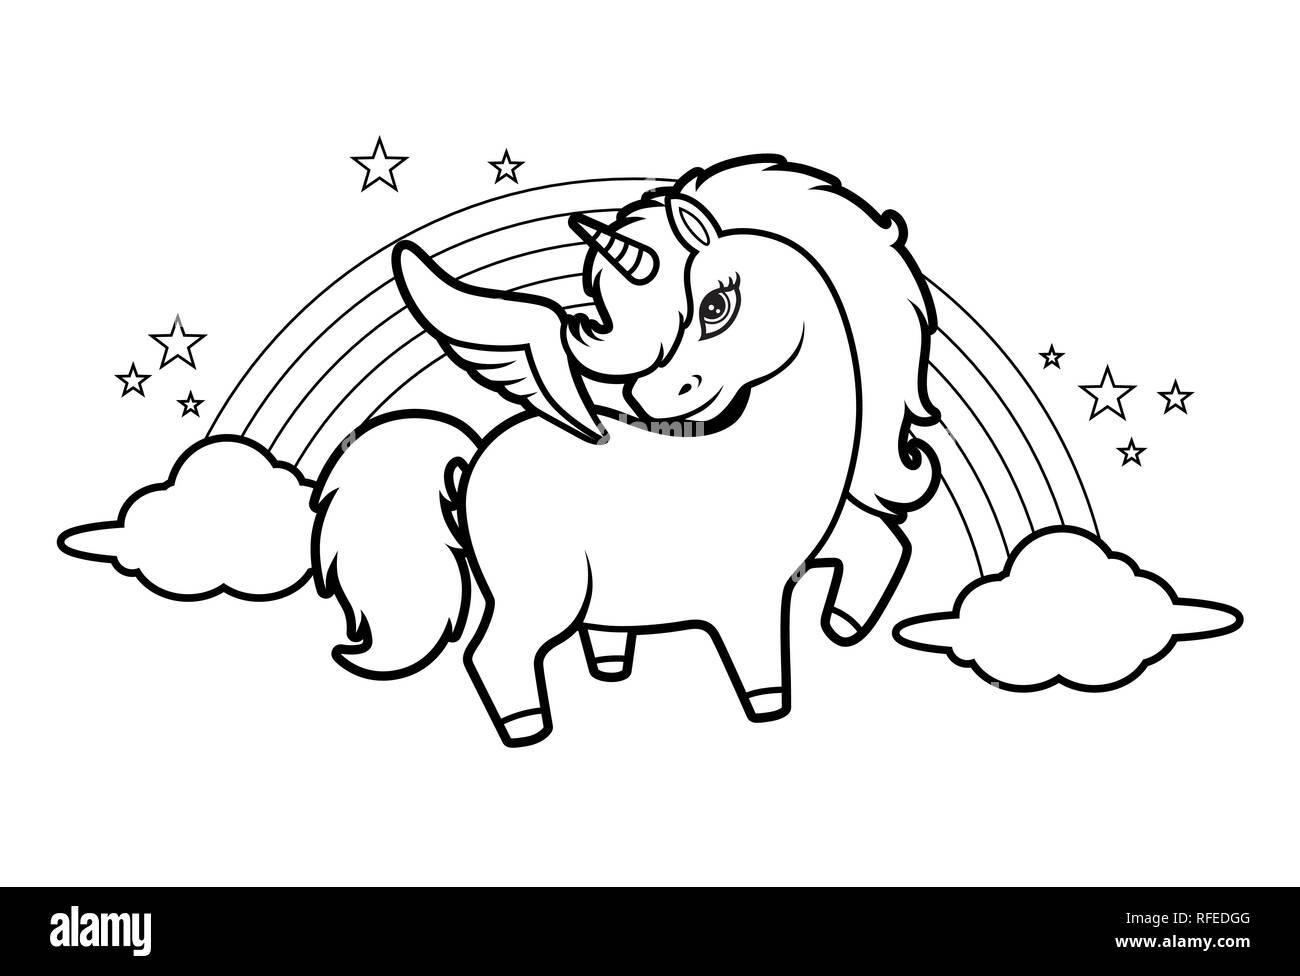 Piccolo grazioso unicorno magico rainbow e stelle libro for Arcobaleno da colorare per bambini